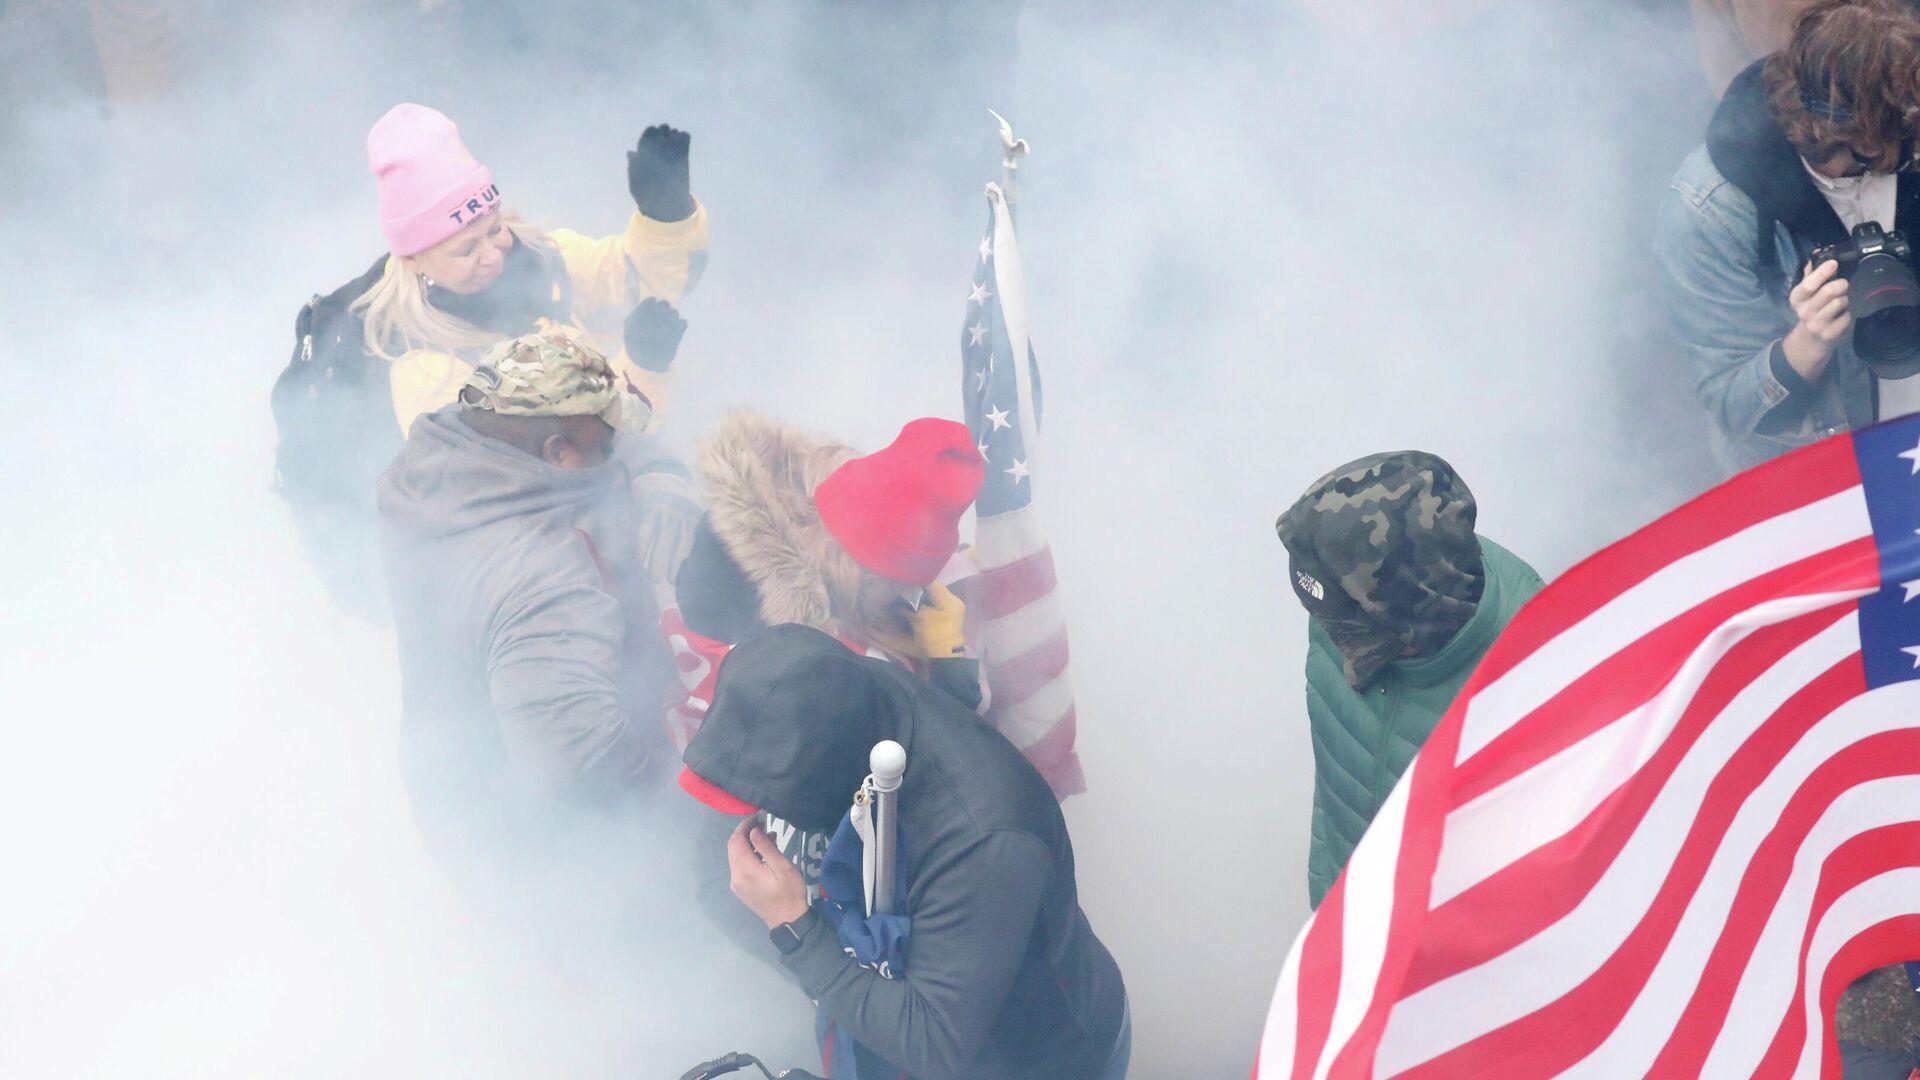 Сторонники Дональда Трампа у здания Конгресса США в Вашингтоне - РИА Новости, 1920, 17.01.2021